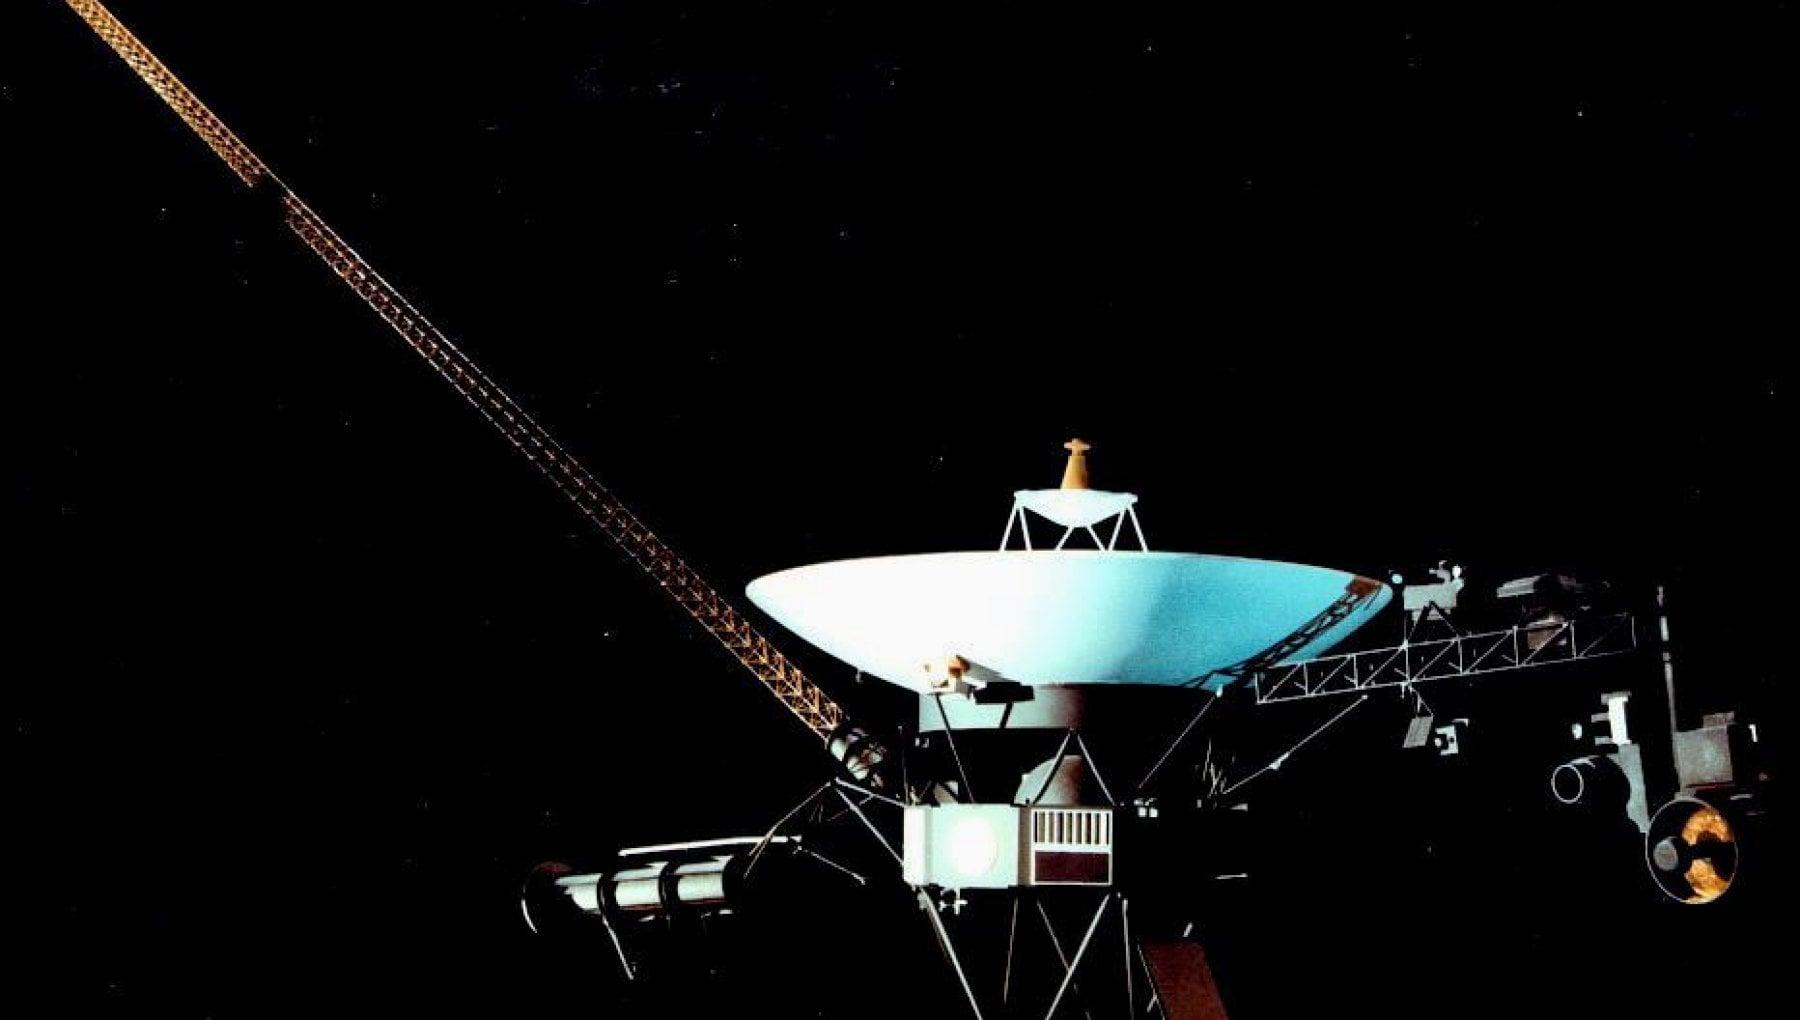 La Nasa ristabilisce il contatto con Voyager e a 20 miliardi di chilometri dalla Terra